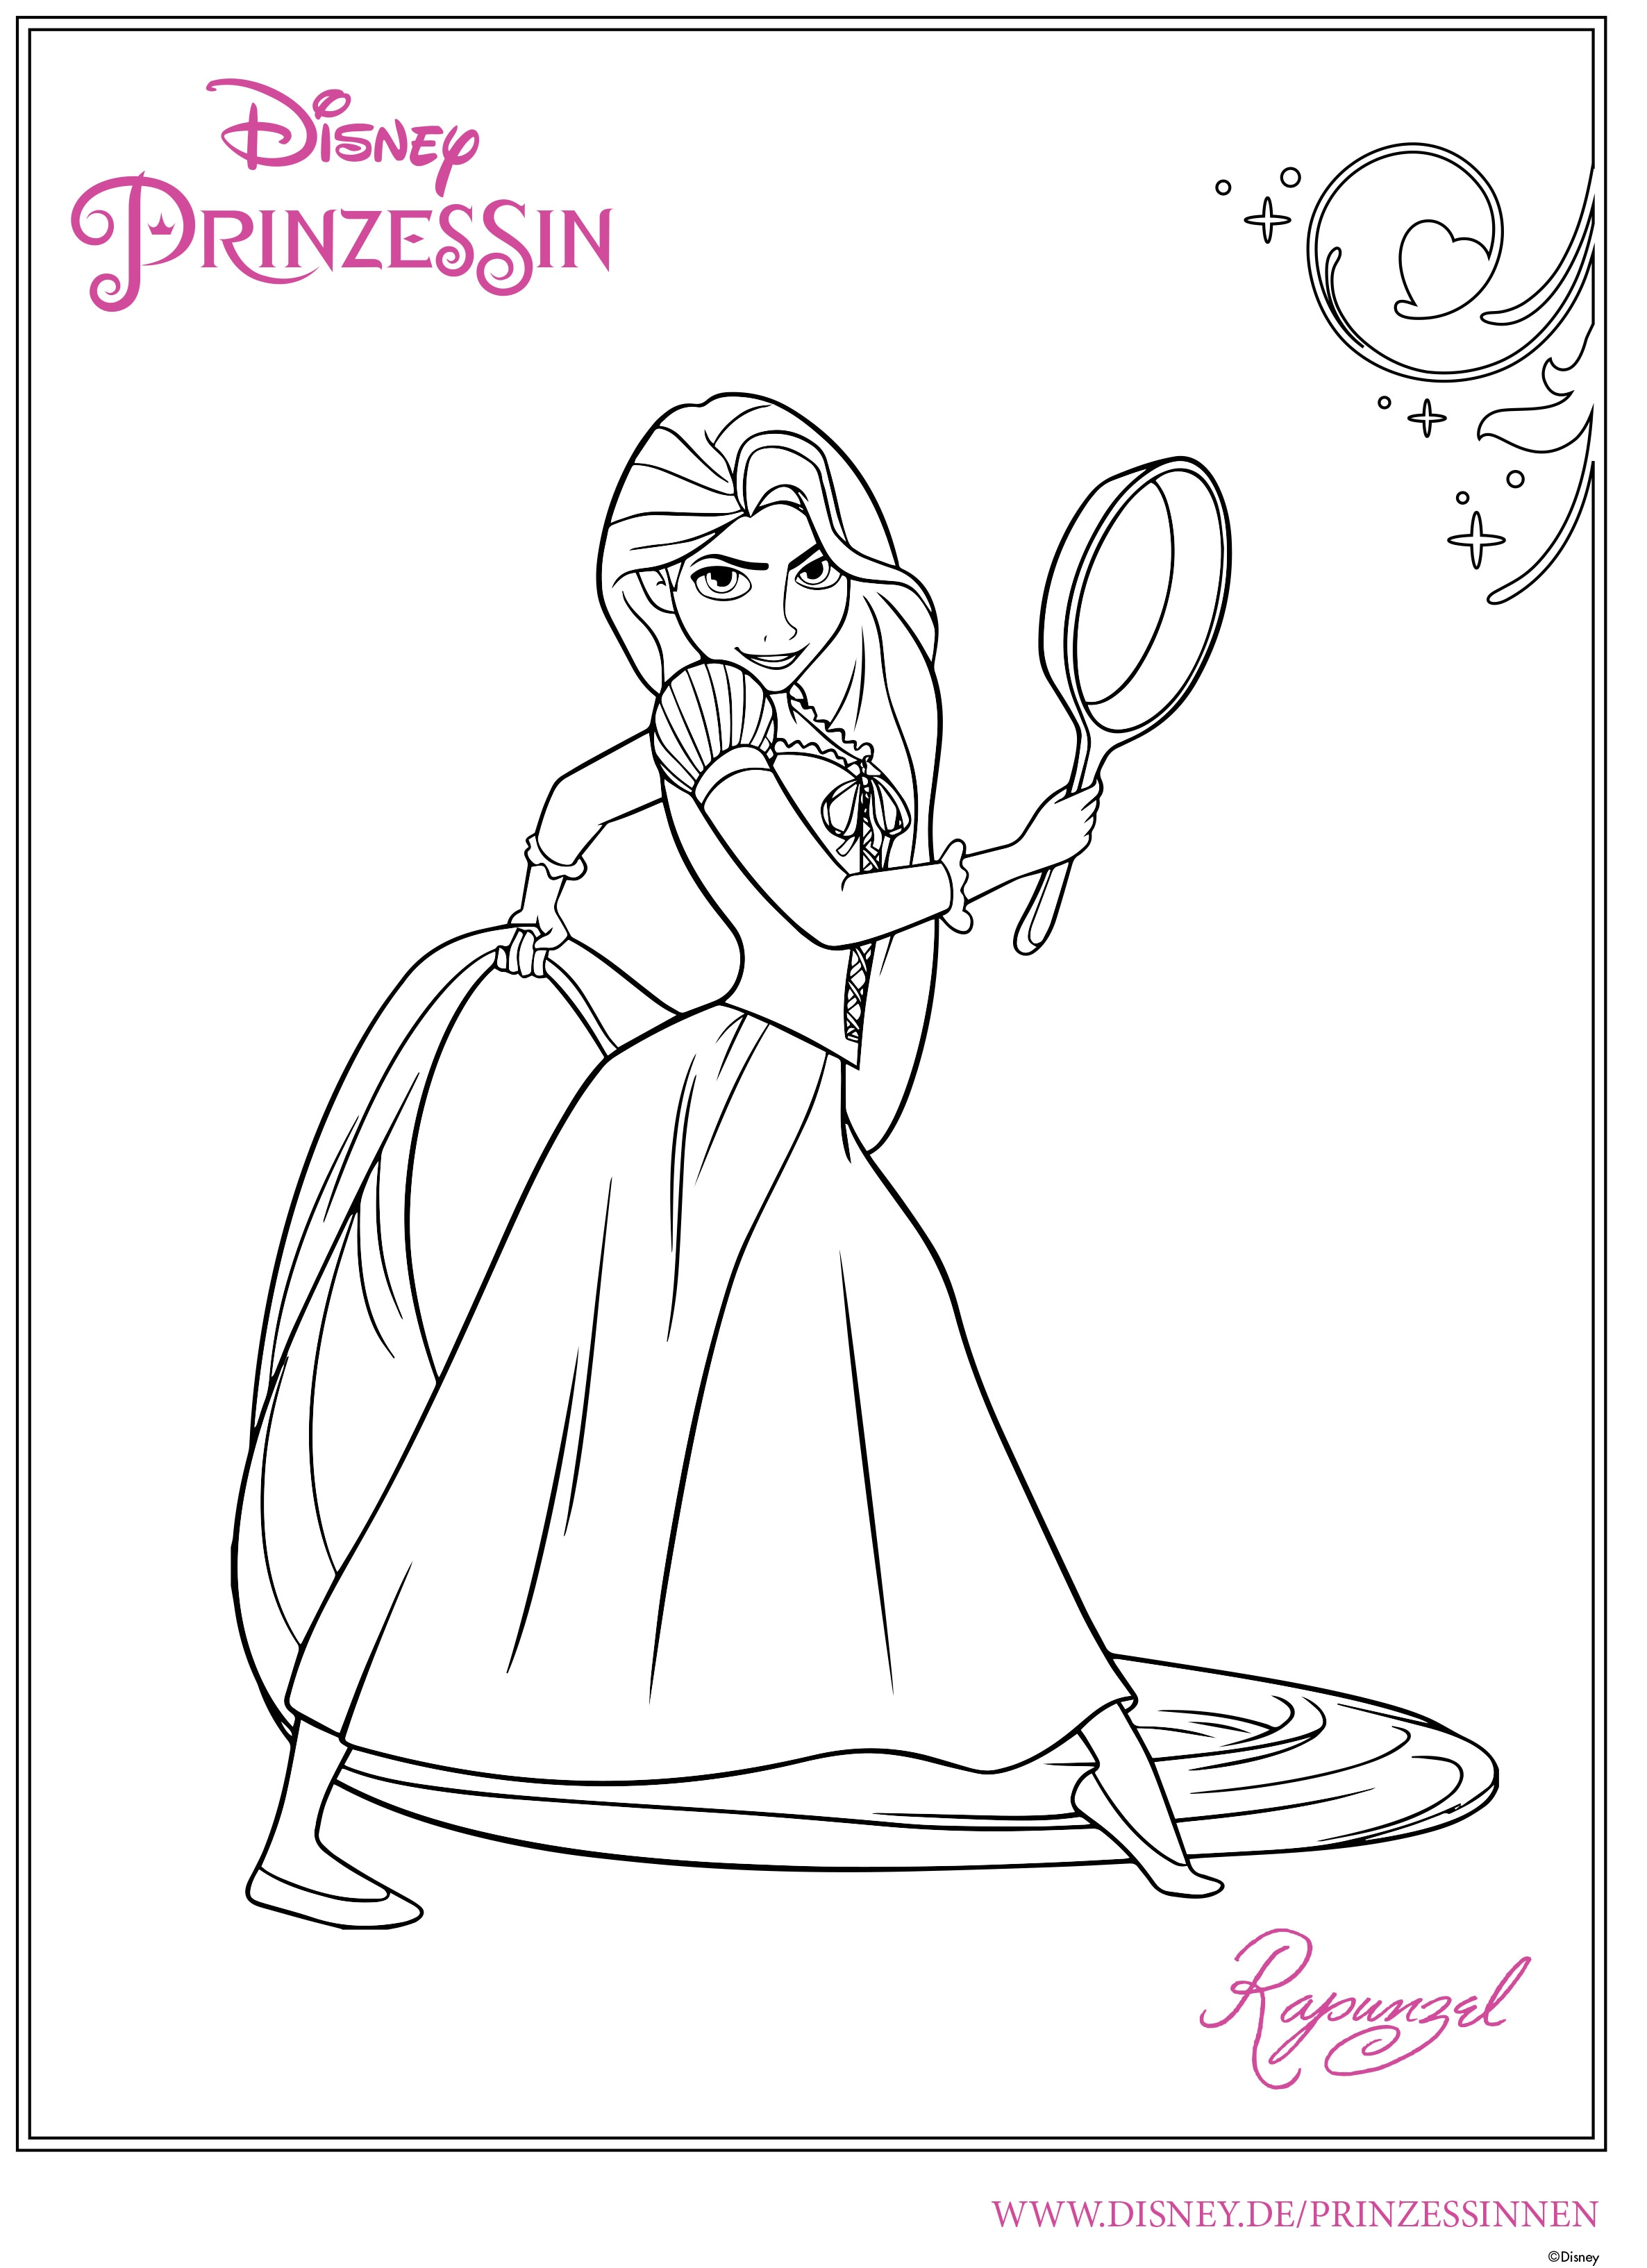 Ziemlich Disney Prinzessin Jasmin Malvorlagen Fotos Entry Level